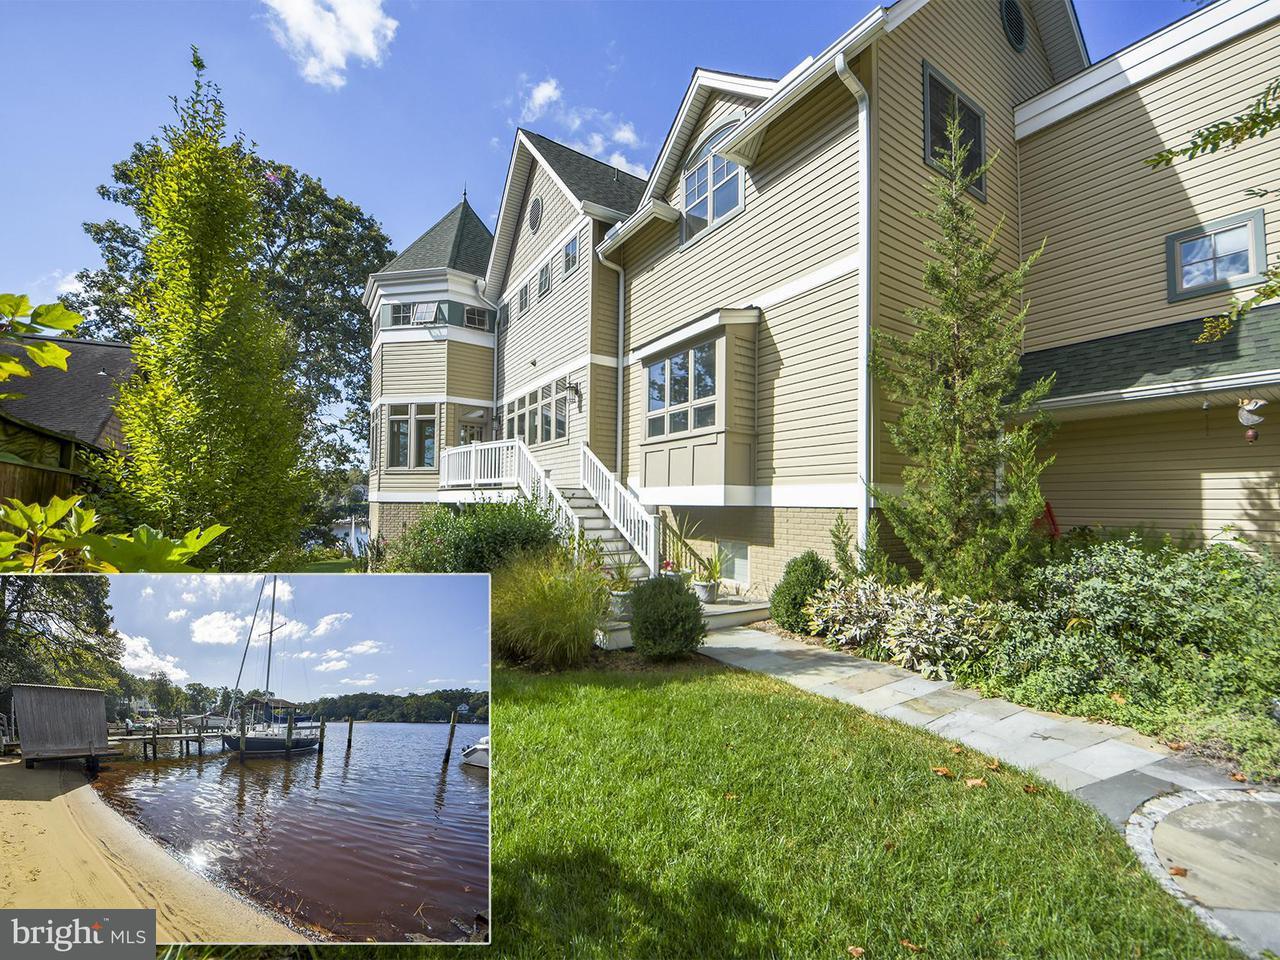 Μονοκατοικία για την Πώληση στο 641 HONEYSUCKLE Lane 641 HONEYSUCKLE Lane Severna Park, Μεριλαντ 21146 Ηνωμενεσ Πολιτειεσ